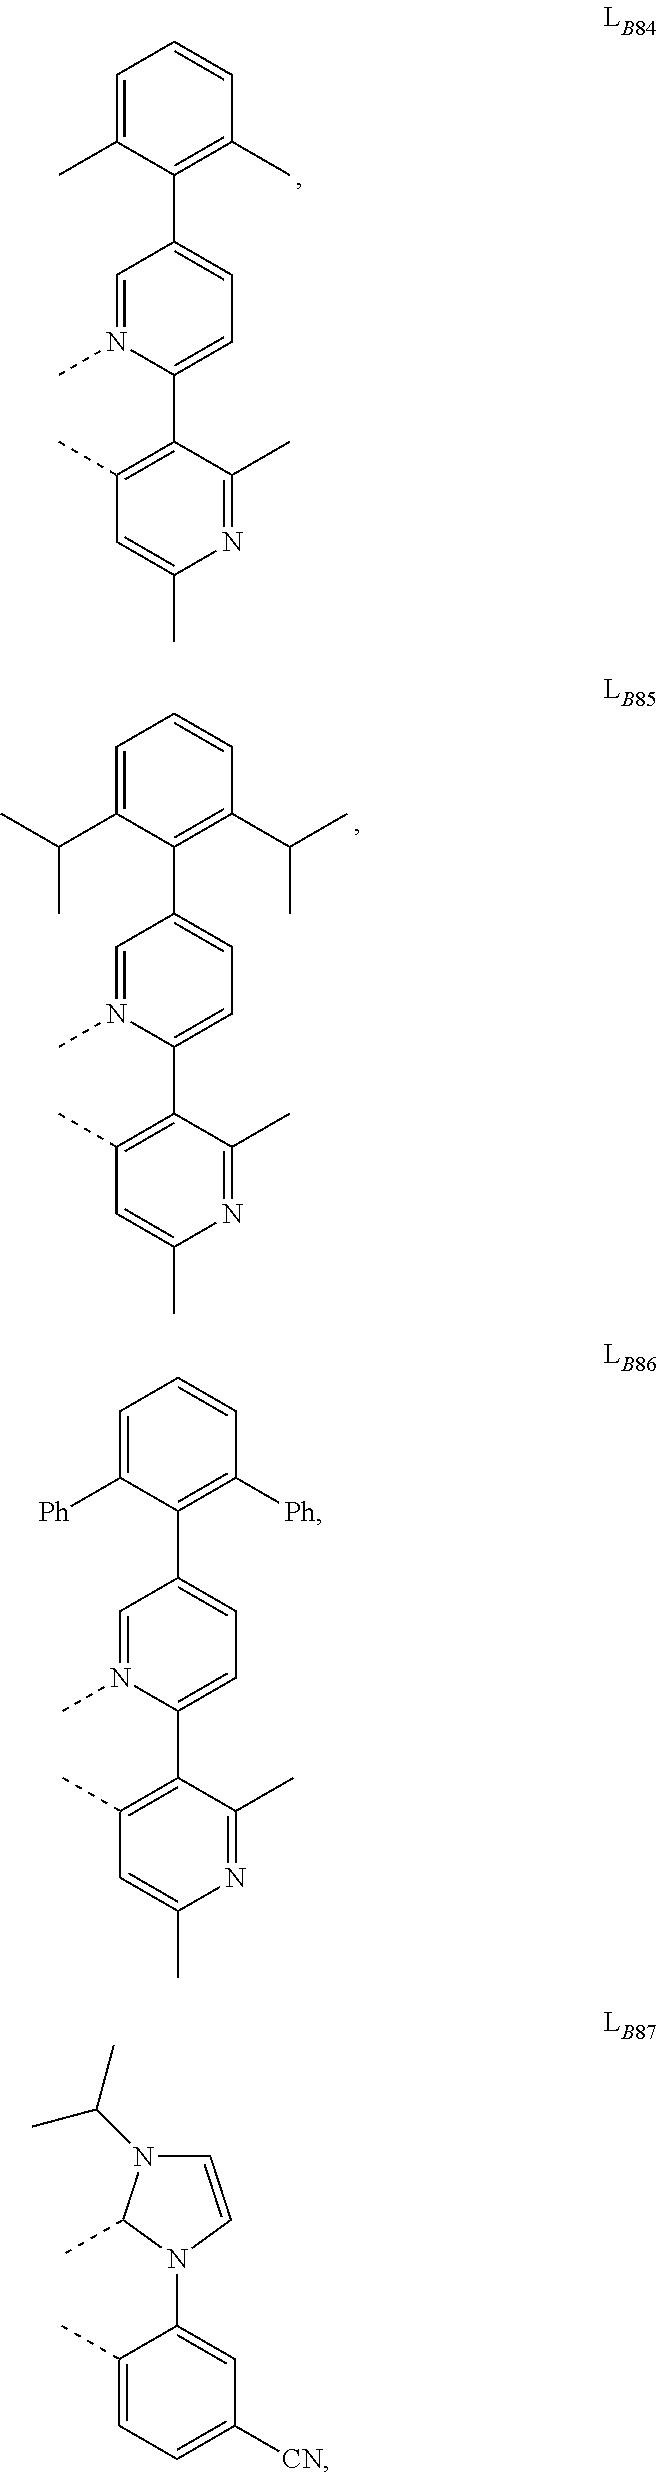 Figure US09905785-20180227-C00516